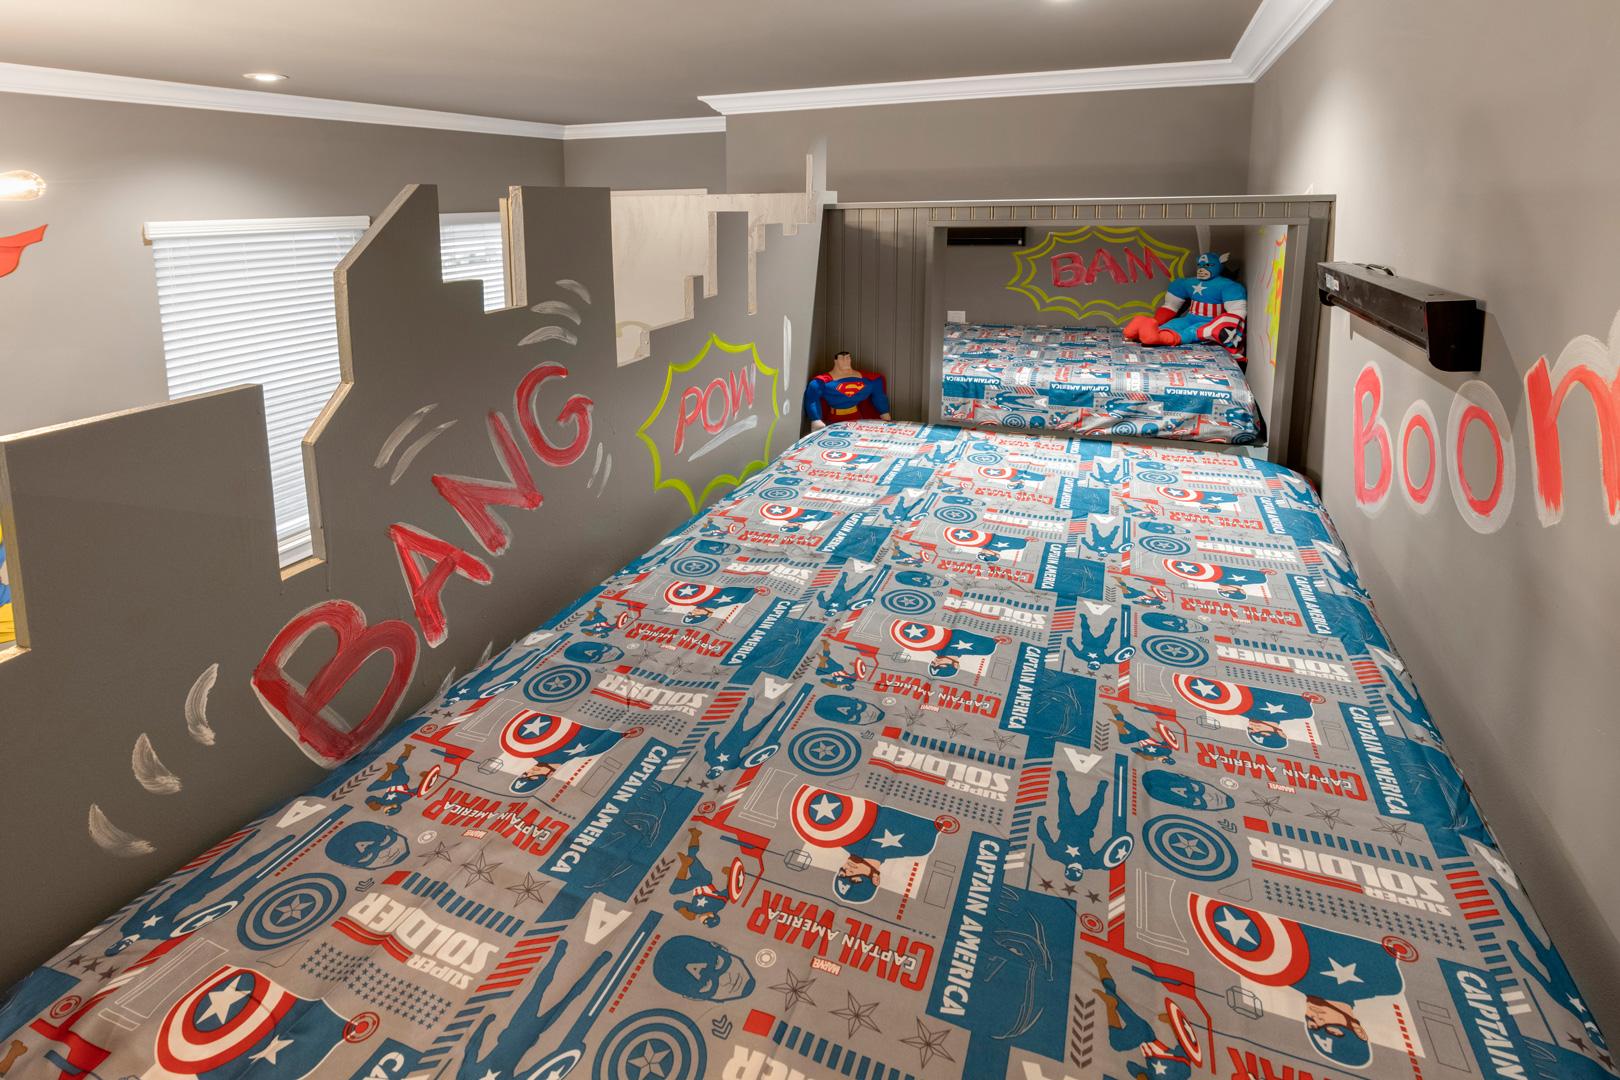 Bedrooms22